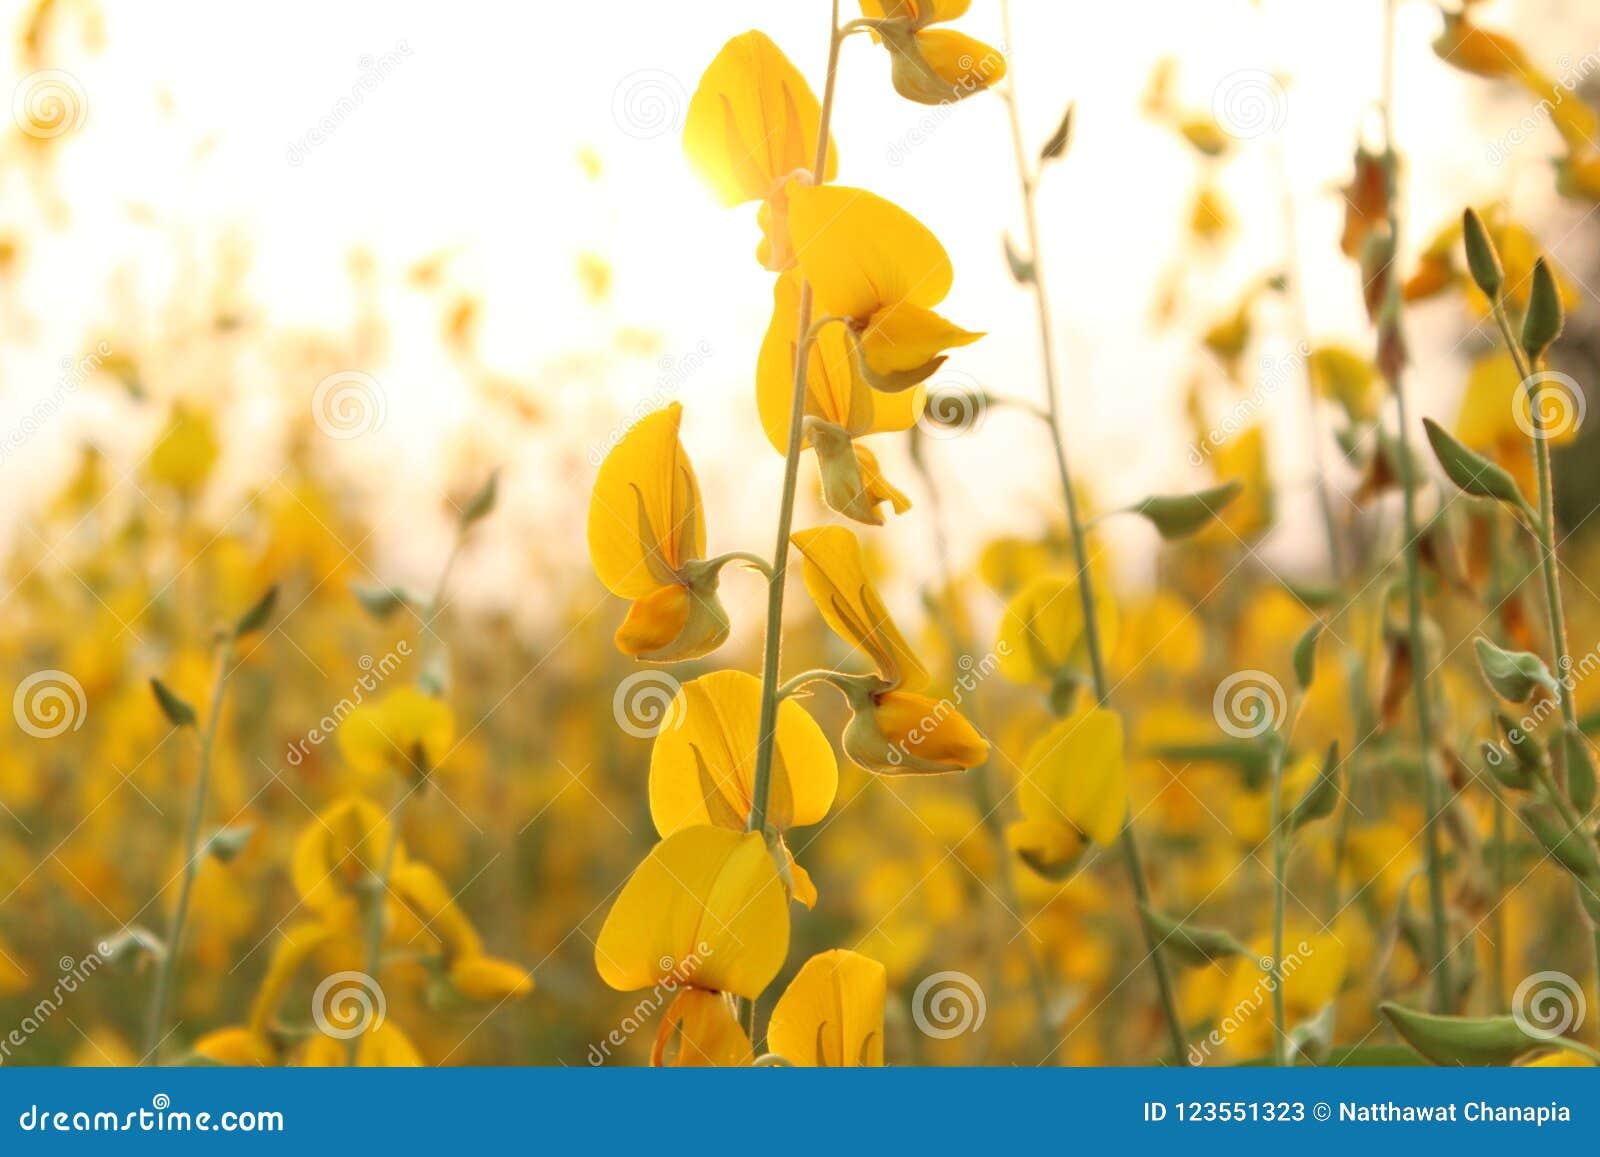 Van de Crotalariabloem daalt de gele zon als achtergrond